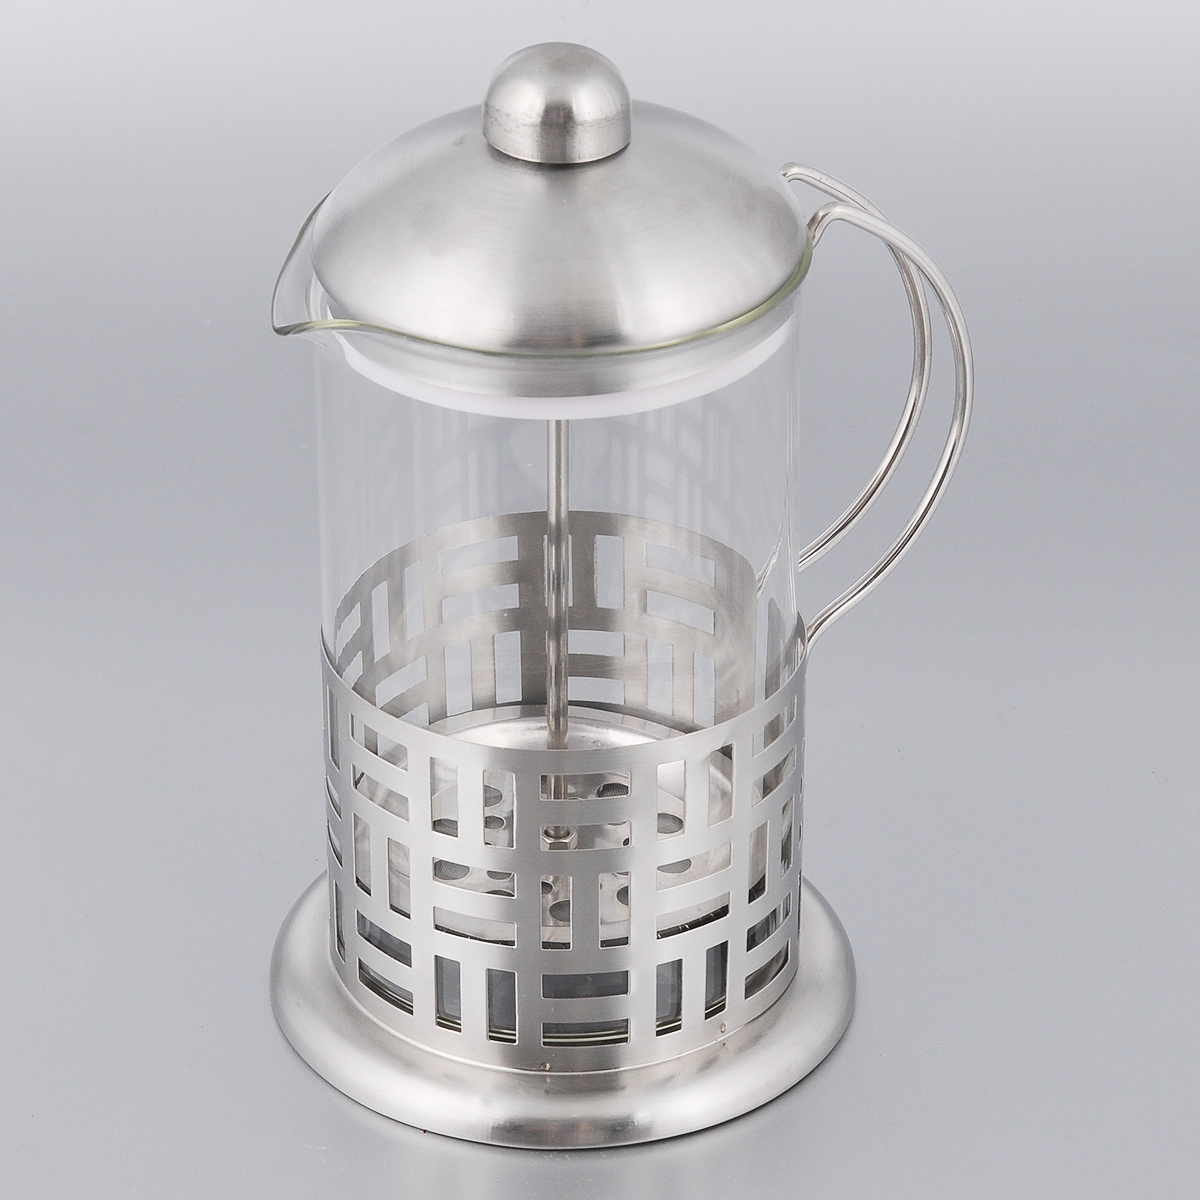 Френч-пресс Bohmann, 800 мл9580BHФренч-пресс Bohmann станет прекрасным выбором для повседневного использования, встречи гостей илинебольших вечеринок. Колба, изготовленная их закаленного стекла, сохранит свежесть и аромат напитка. Аконструкция френч-пресса встроенного в крышку, прекрасно отфильтрует чай и кофе от заварочной гущи. Удобная ручка обеспечит надежную фиксацию в руке. Утолщенный ободок колбы повышает прочность ипродлевает срок службы изделия.Насыпьте чай или кофе в стеклянную колбу, добавьте горячей воды и закройте стакан пресс-фильтром.Подождите 3-5 минут, затем медленно опустите пресс-фильтр до упора. Приятного чаепития! Френч-пресс Bohmann позволит быстро и просто приготовить чай или свежий и ароматный кофе.Объем: 800 мл. Диаметр (по верхнему краю): 10 см.Высота стенки: 17 см.